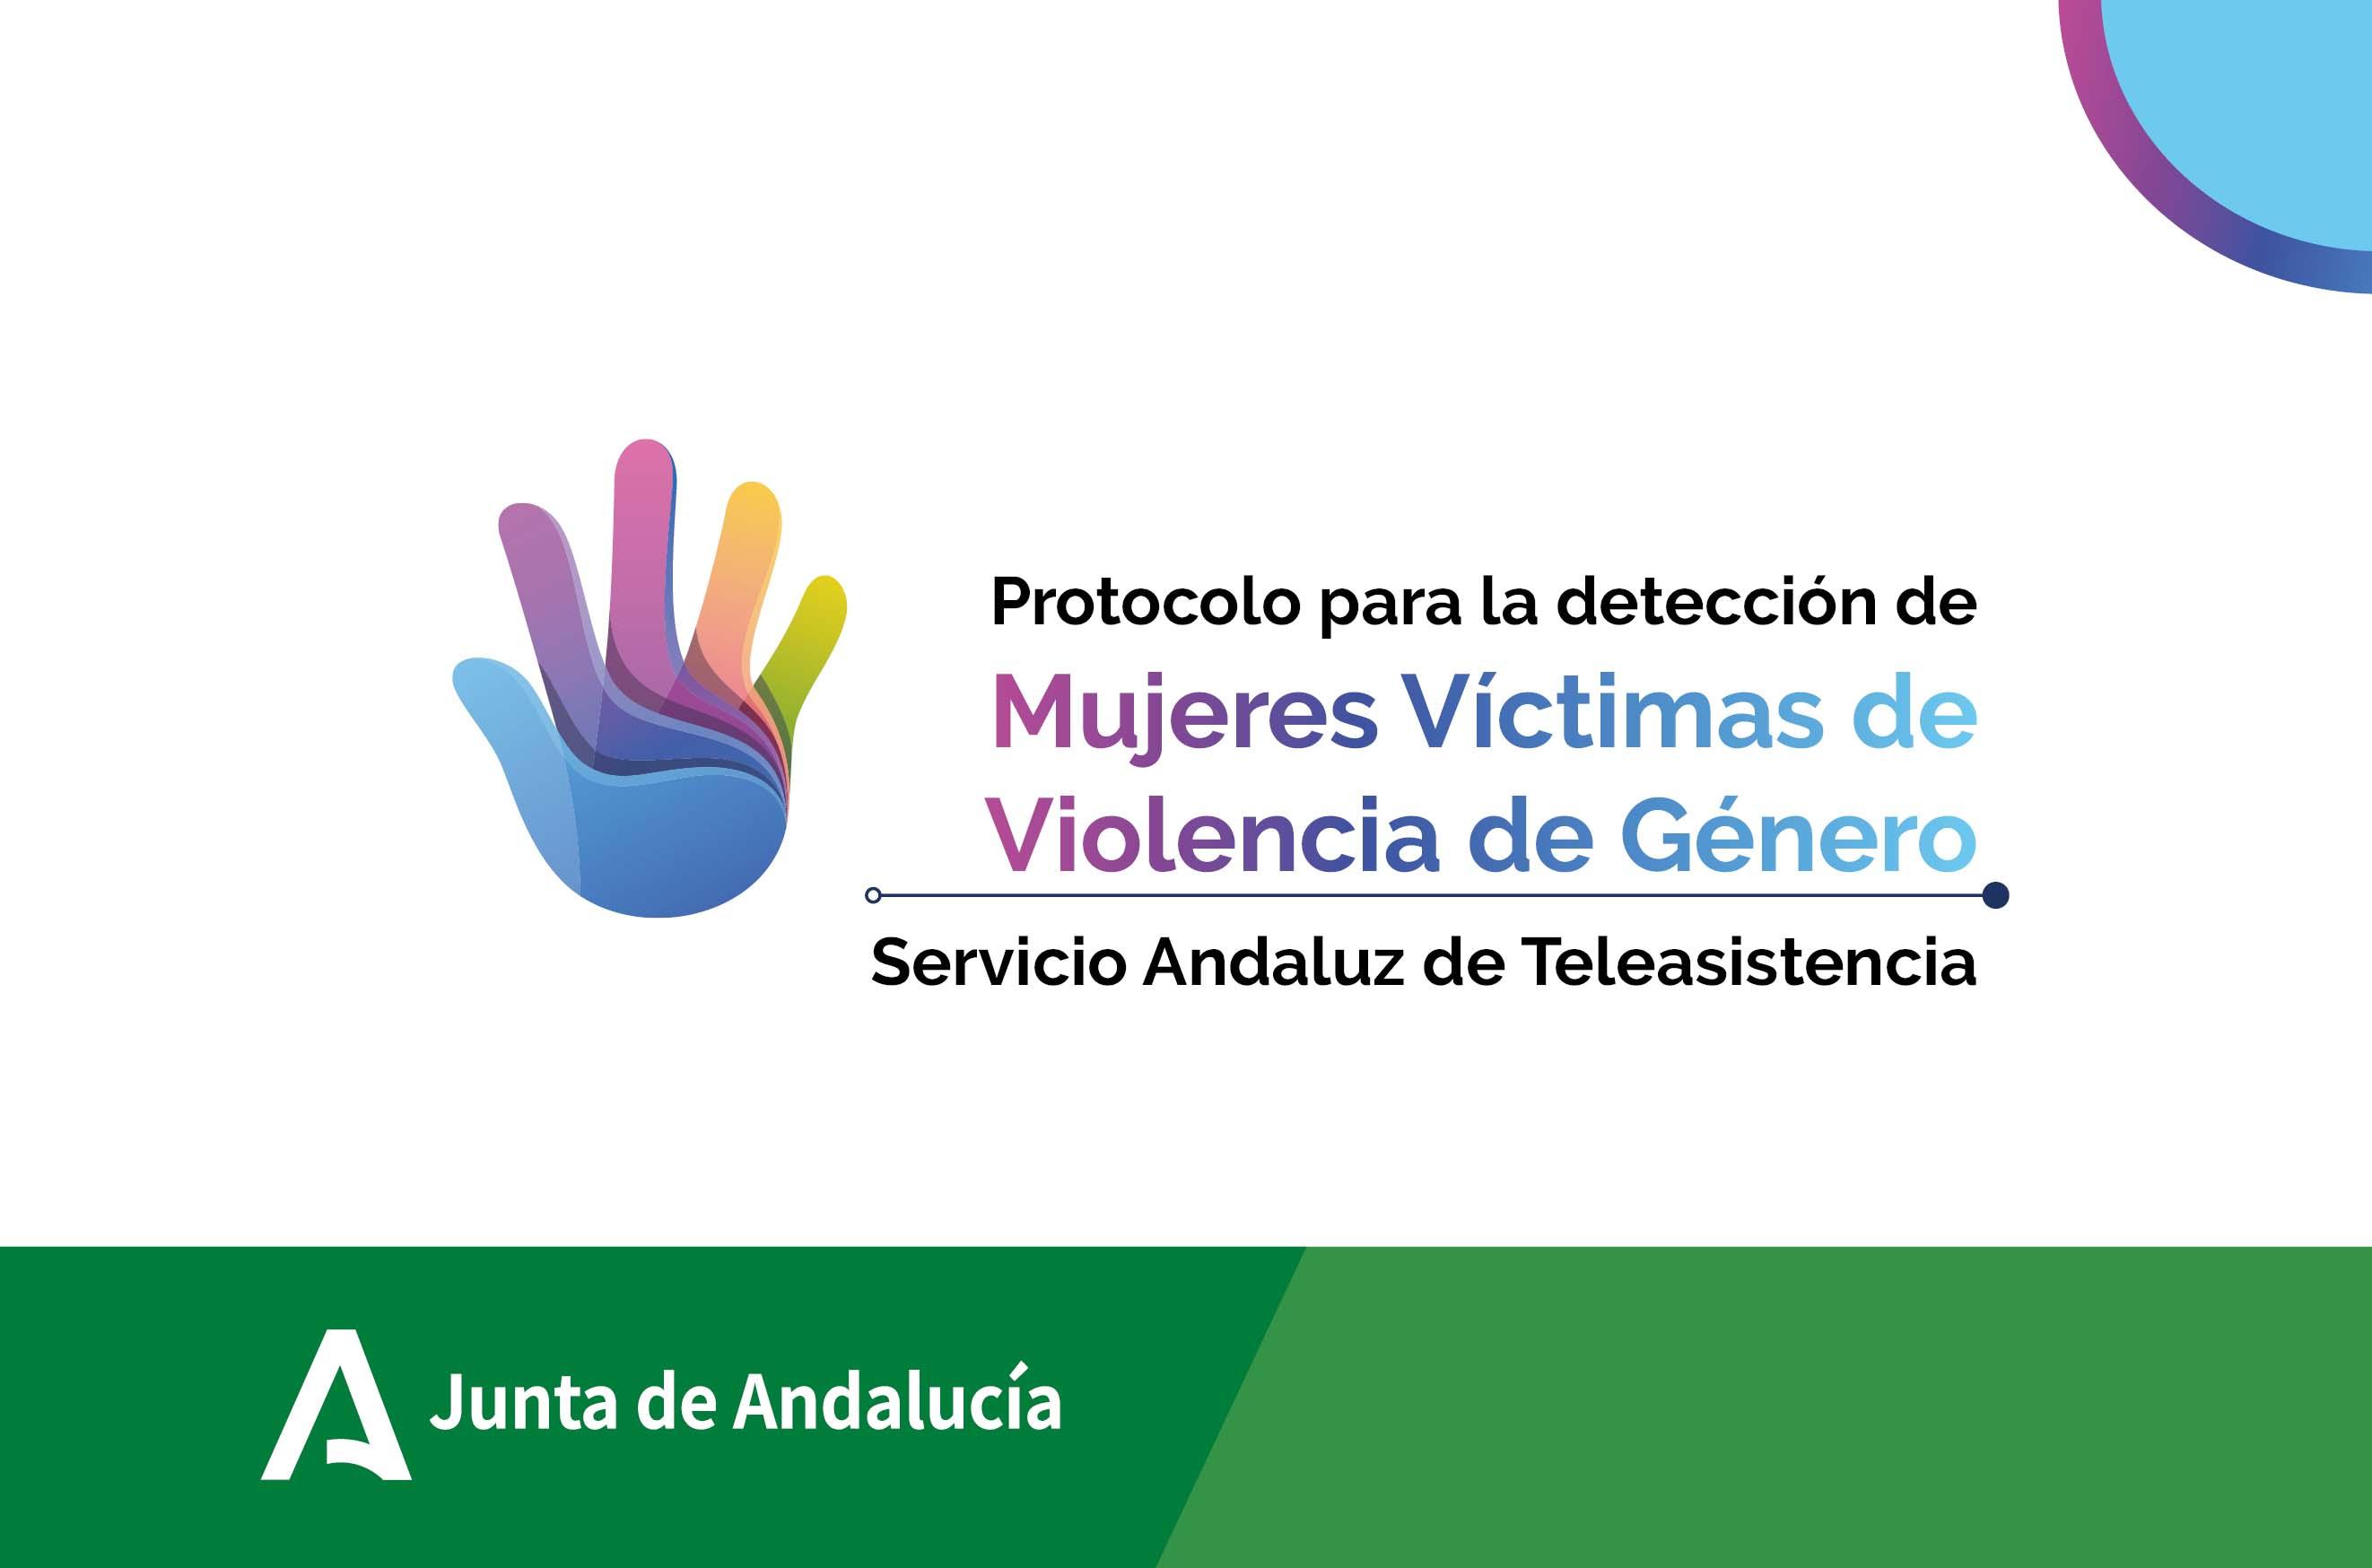 Protocolo Teleasistencia para la atención a víctimas de violencia de género